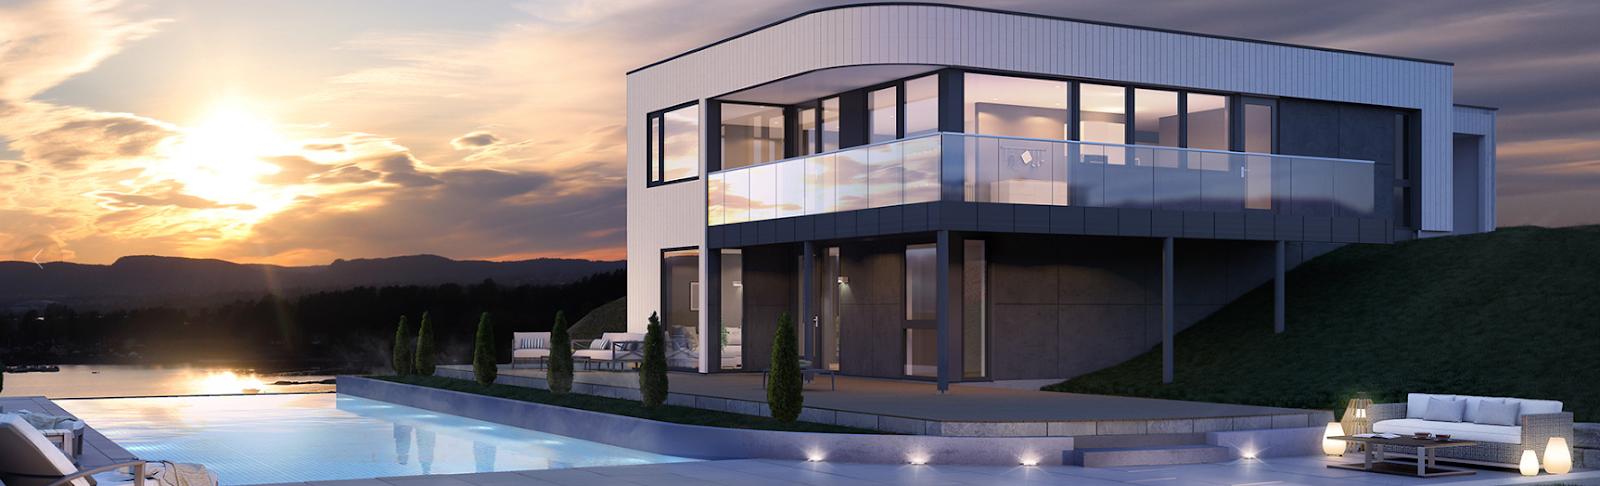 Vakkert moderne bolig med basseng, byggmester bergen, bygg moderne bolig med de beste byggmesterene i Bergen